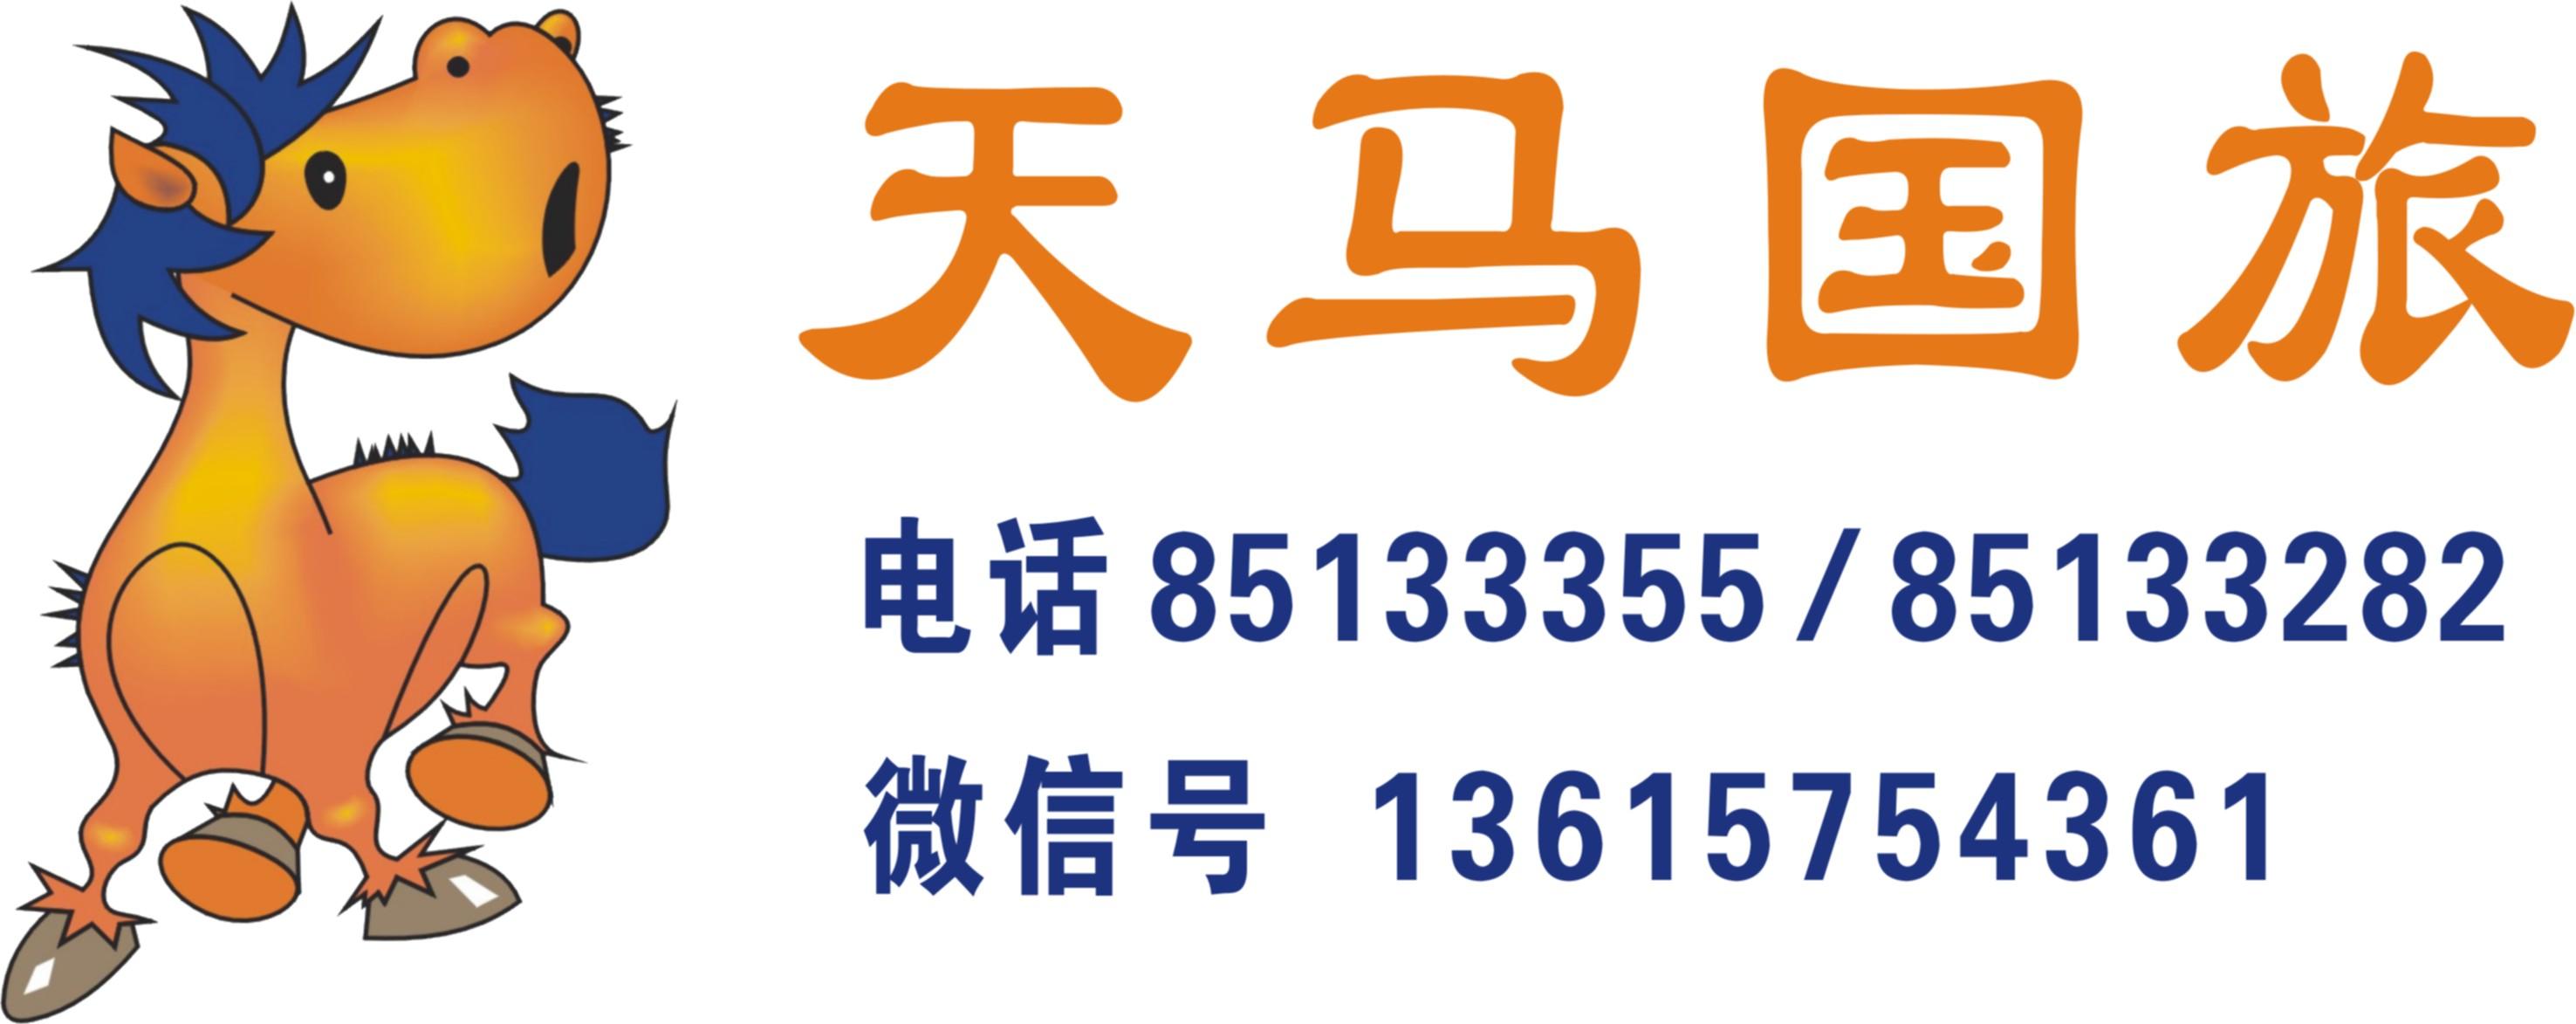 4.20【苏州园林、无锡灵山胜境、禅意拈花湾二日】